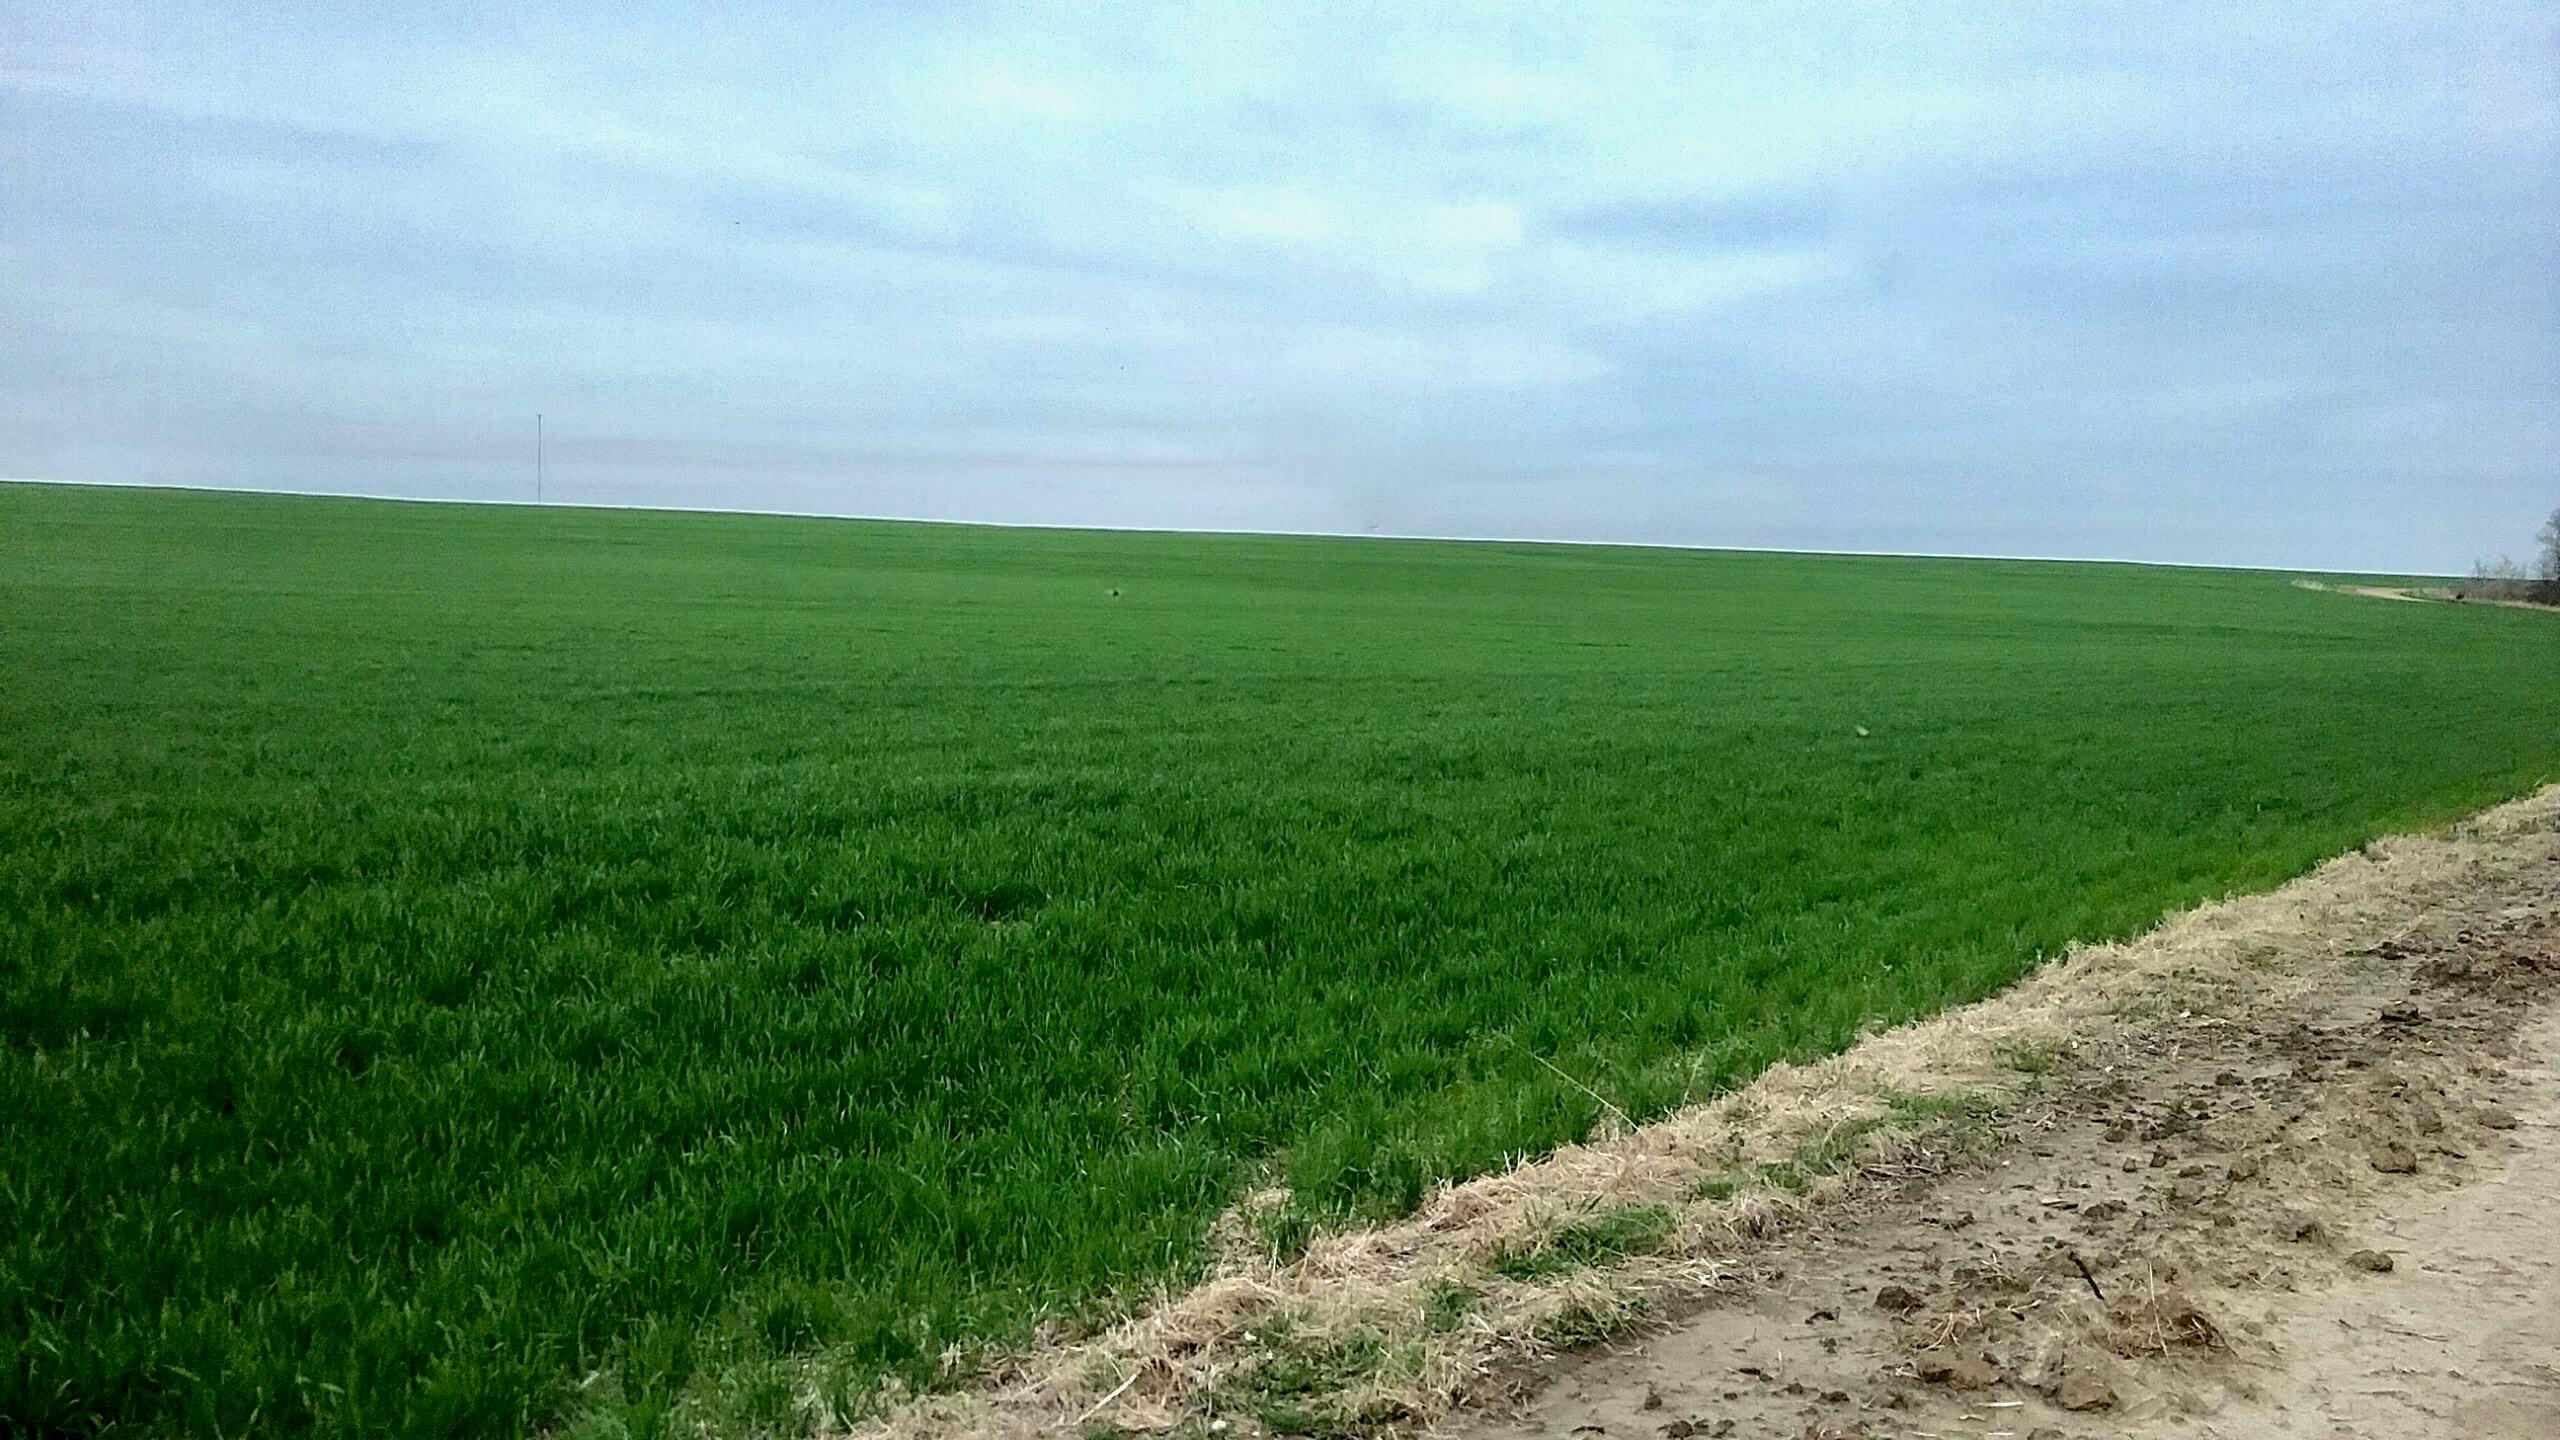 farm field in kansas